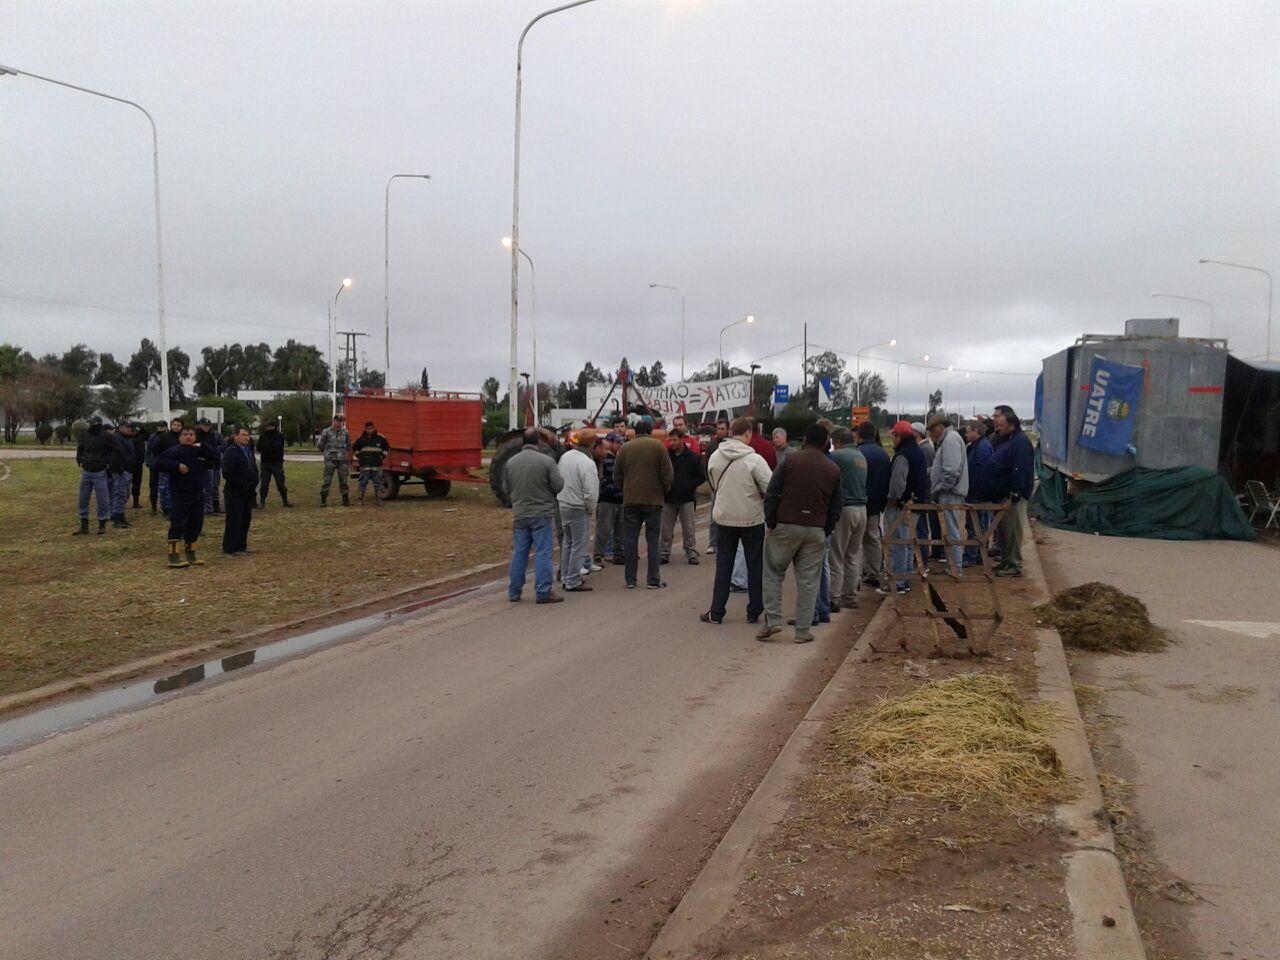 Productores cortan totalmente la Ruta 89 en Las Breñas, Chaco, repudiando la violencia polcial con los tanineros de Puerto Tirol.